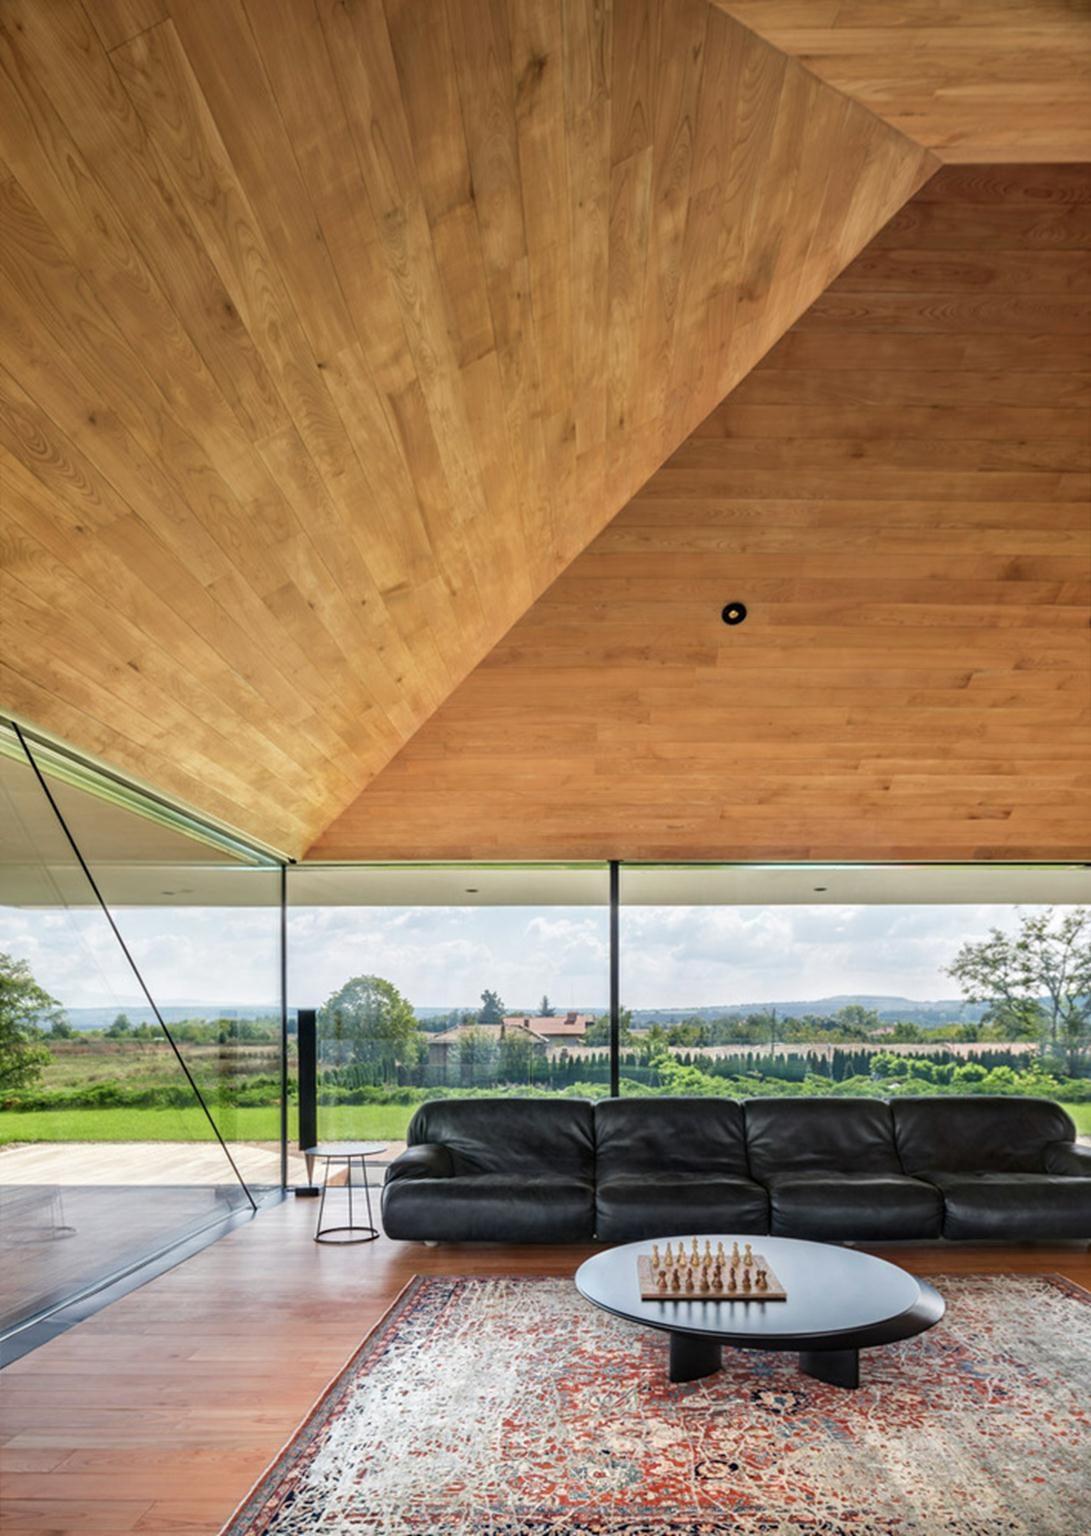 Thiết kế biệt thự view 360 độ độc đáo và ấn tượng - 11